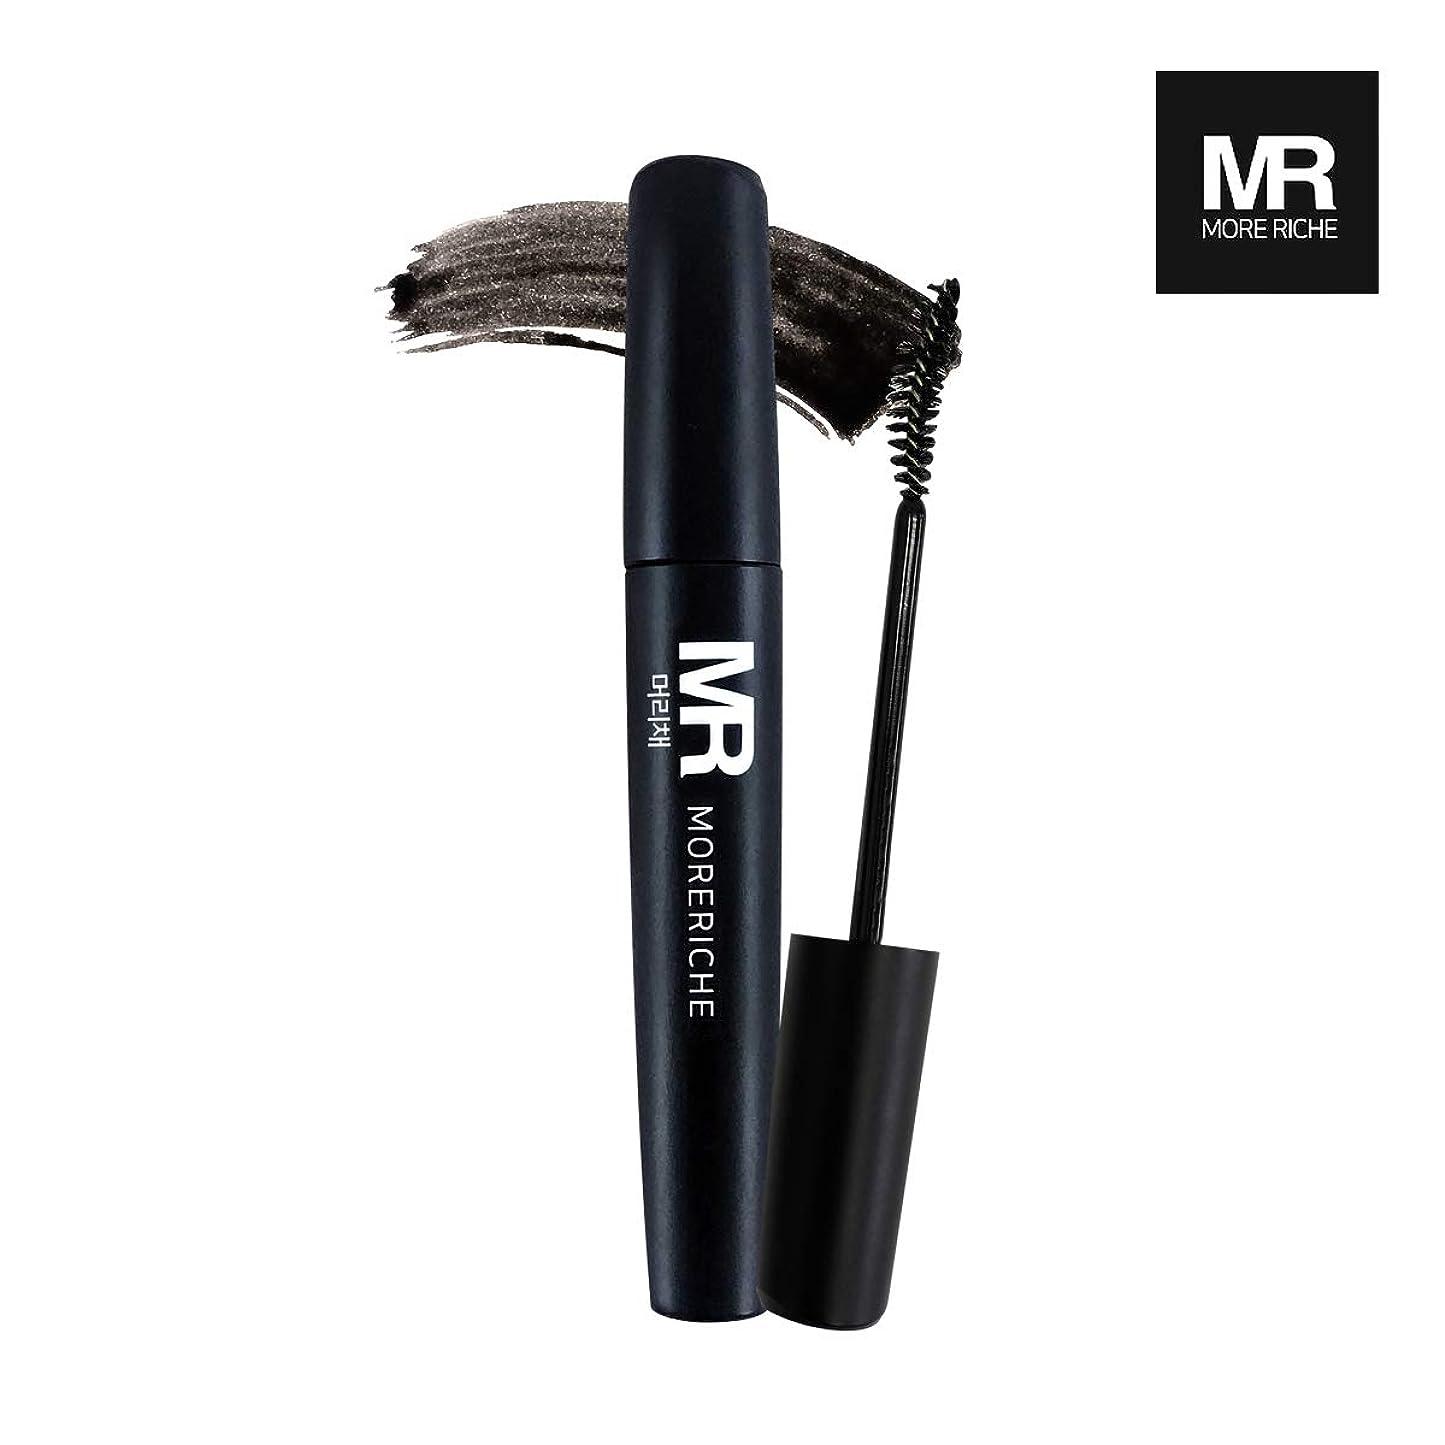 ベーリング海峡結果としてとげ[1+1] MoreRiche ヘアマスカラカラーグレーイングヘアカバースティック Temporary Hair Mascara Color Graying hair Cover Stick, Black Color 0.44 Fluid Ounces